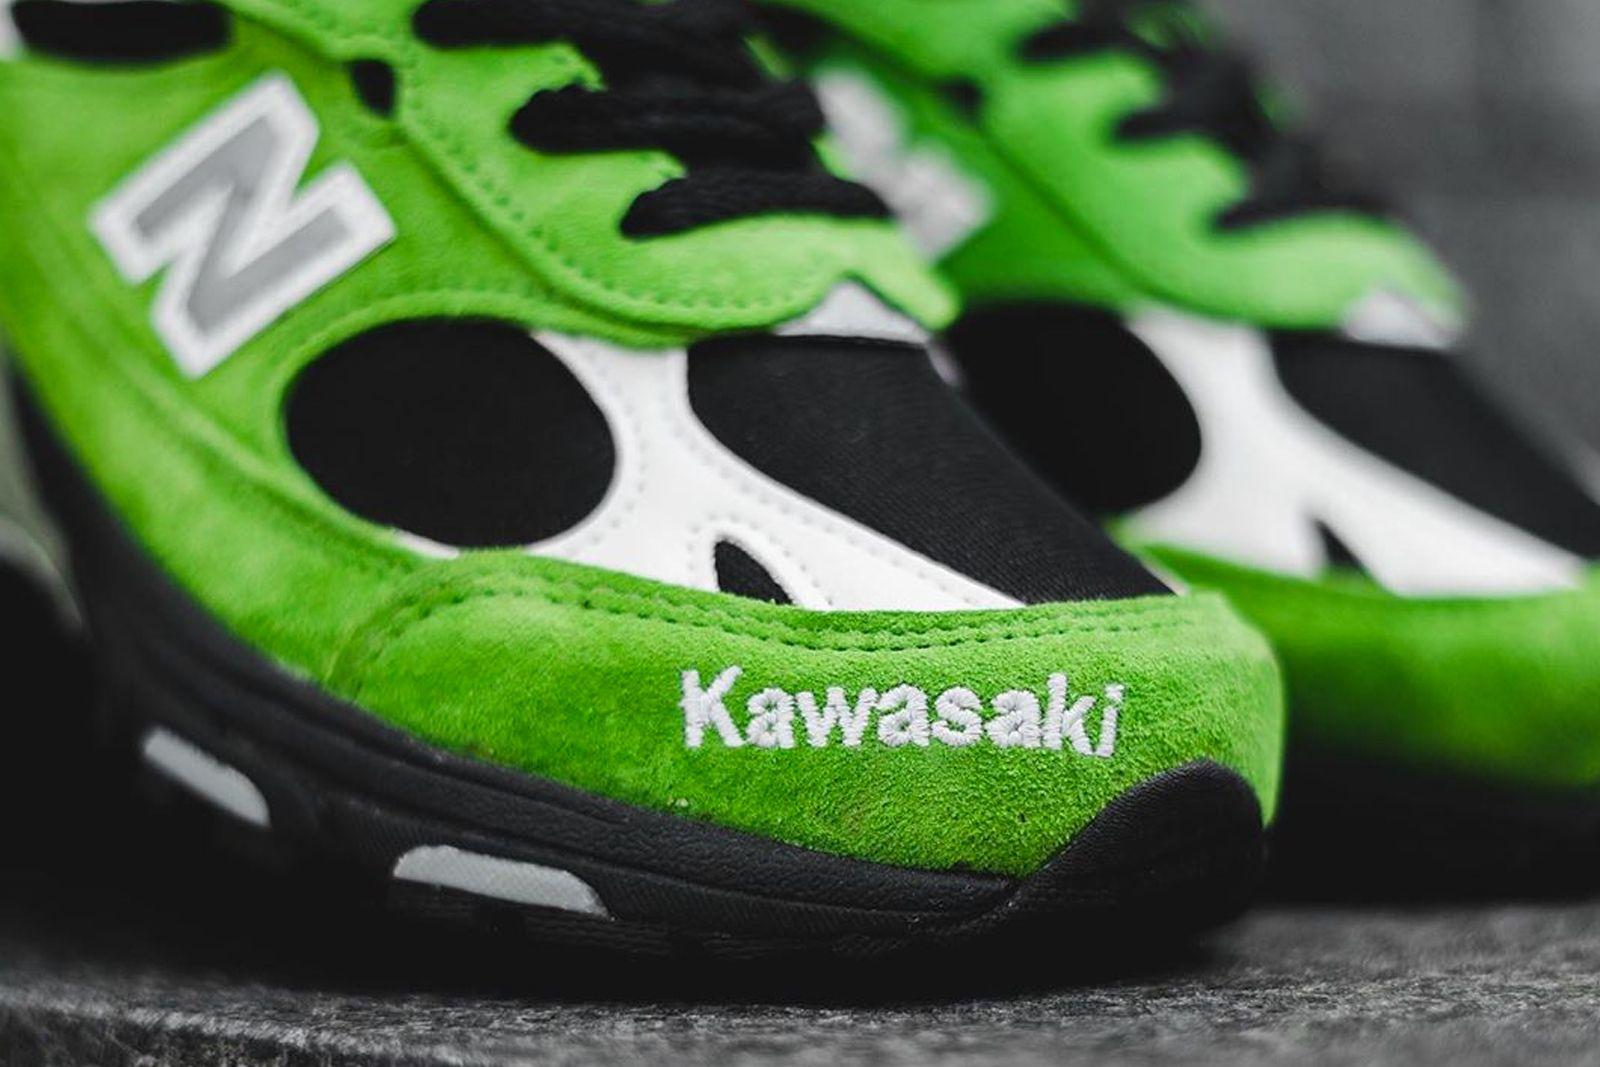 new balance x kawasaki hero